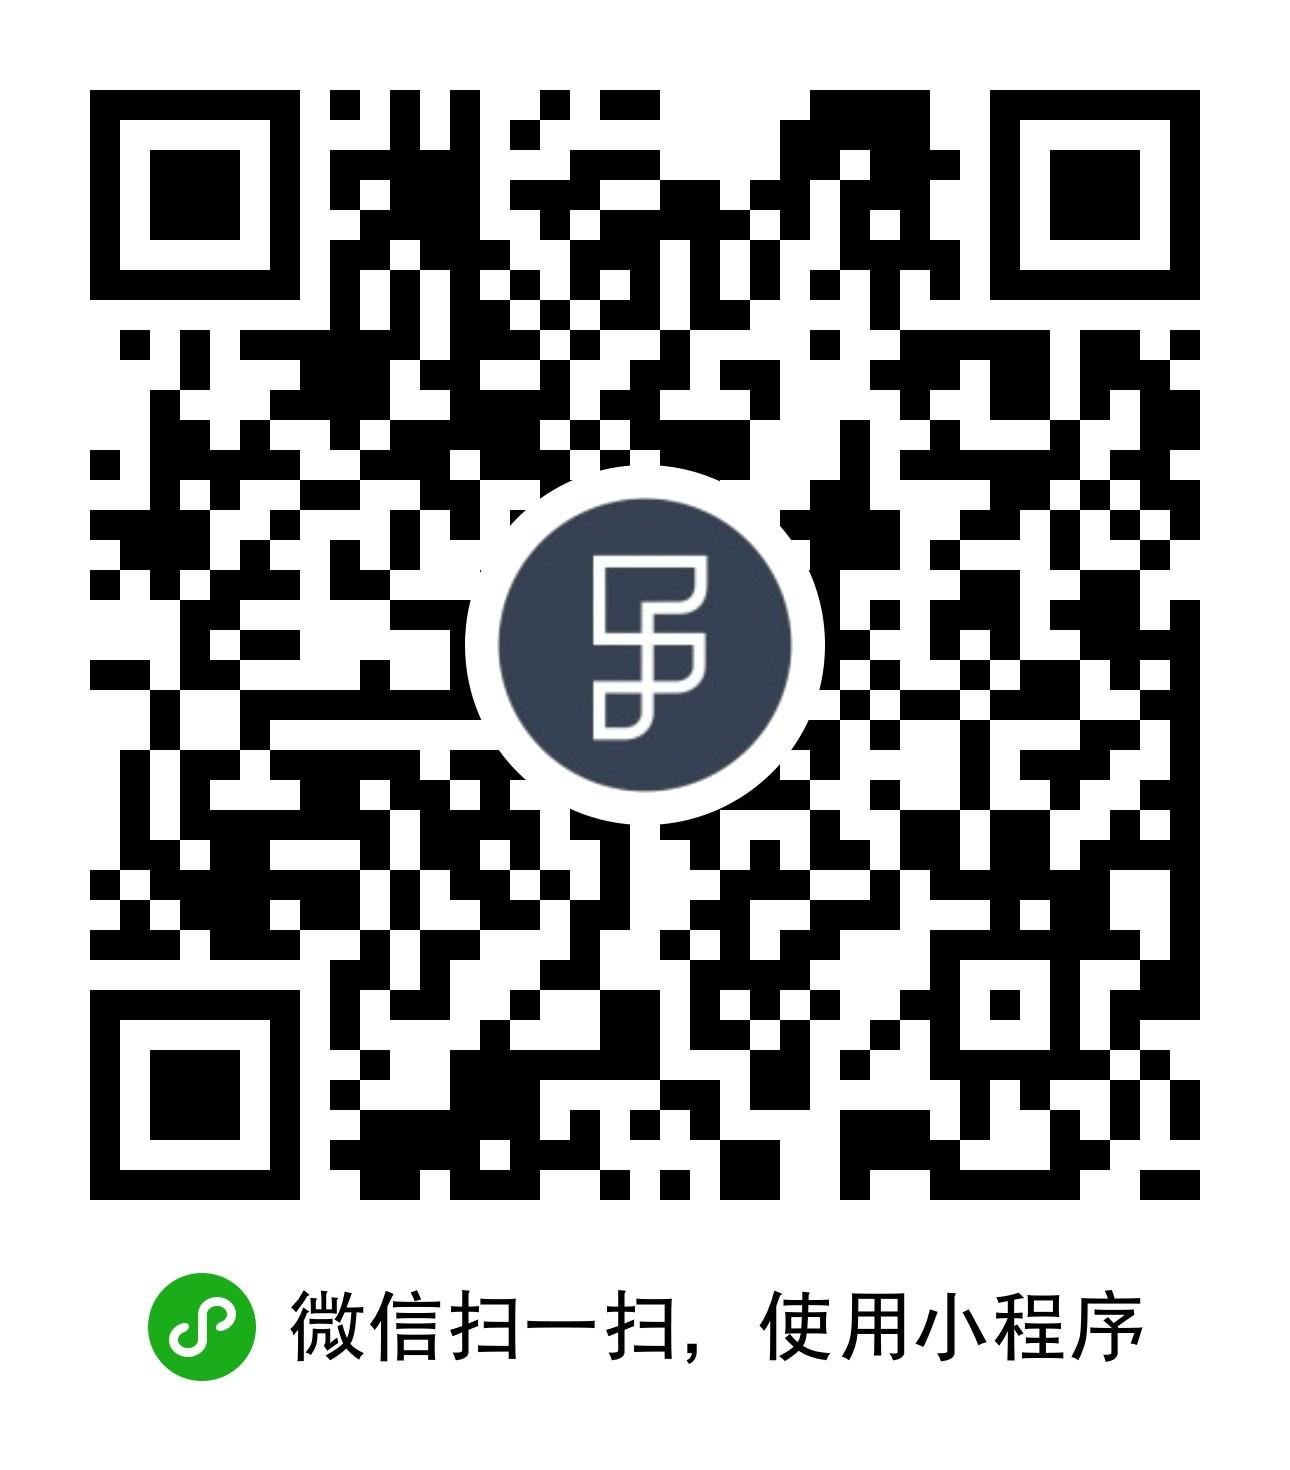 FellowPlus创投数据库-微信小程序二维码